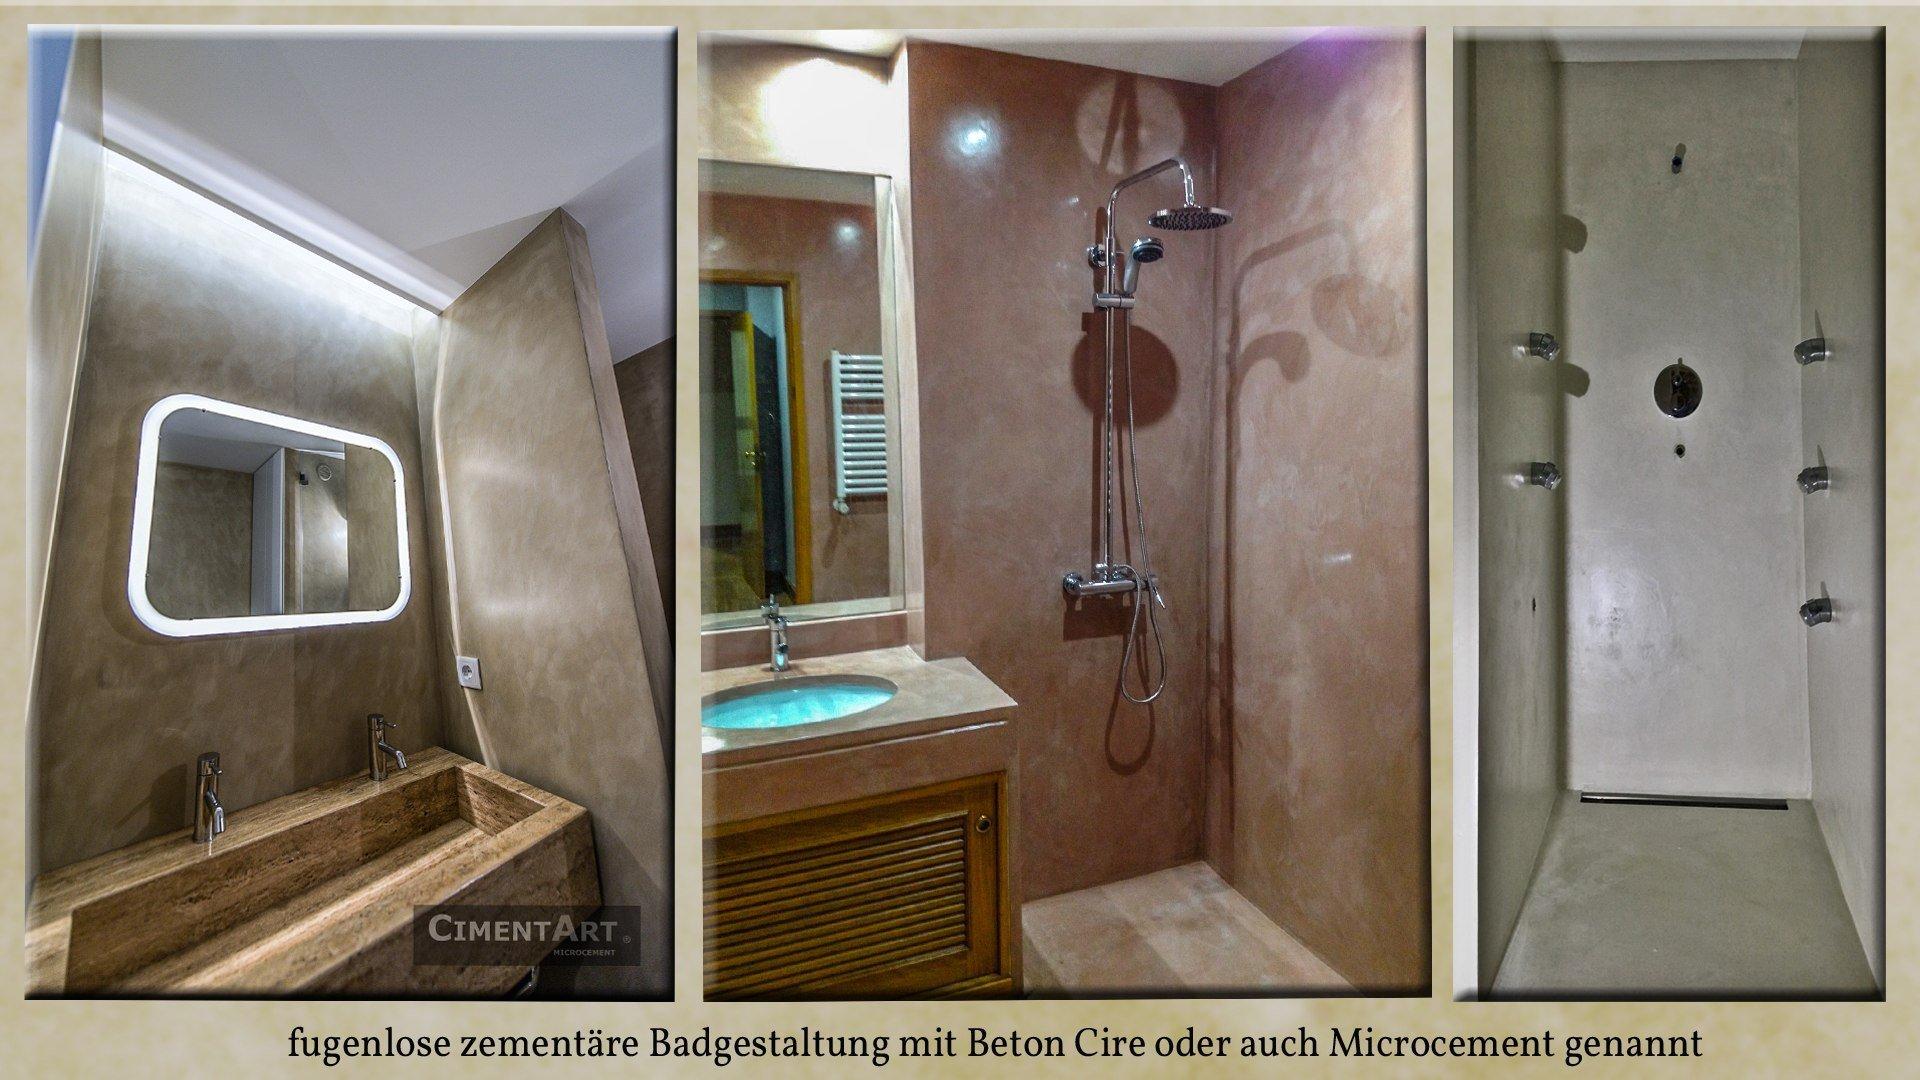 Toilet Beton Cire : Beton treppen baddesign und spachtelböden mit zementären microcement